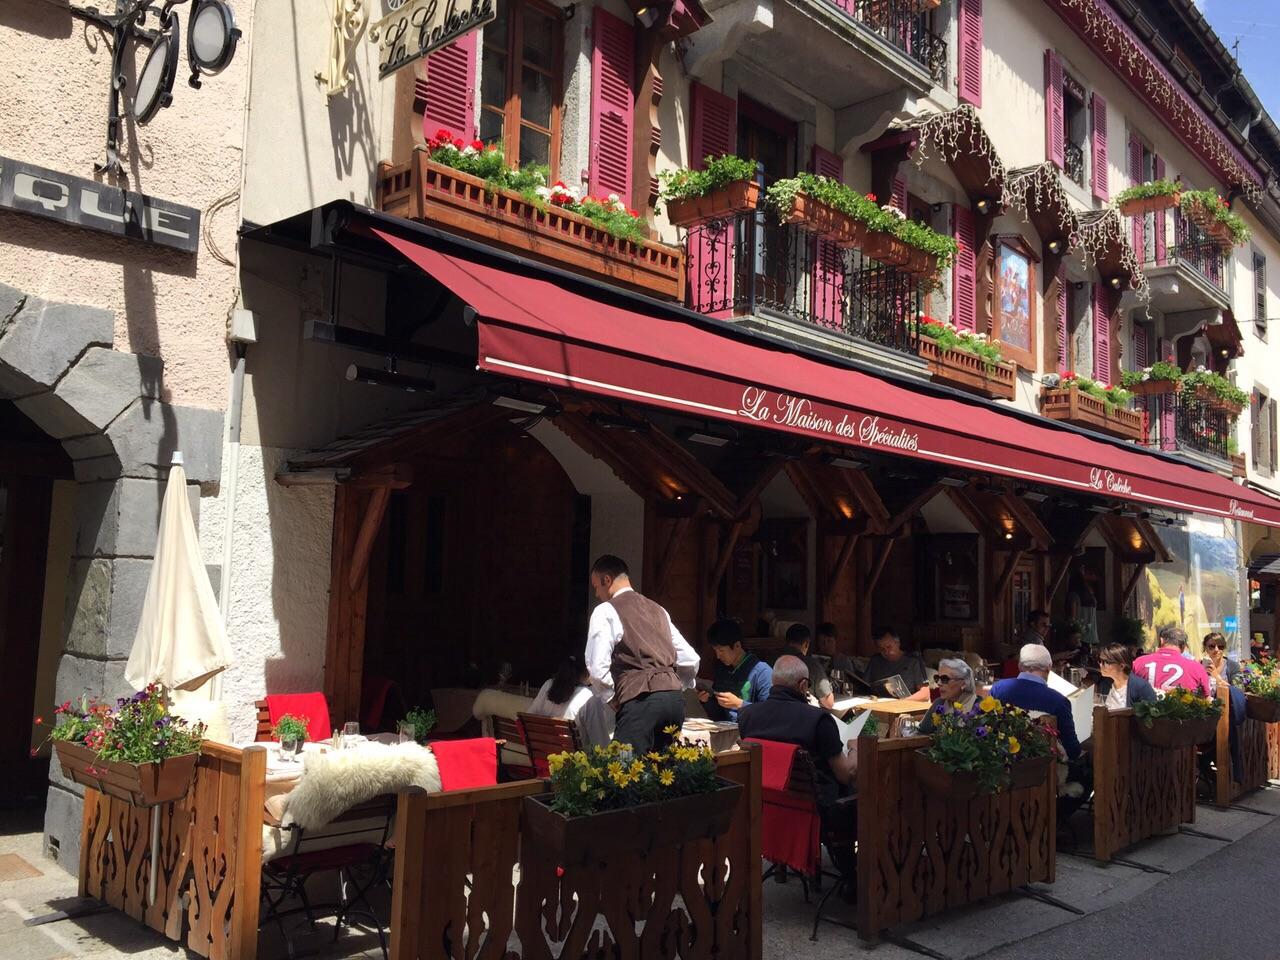 Chamonix market